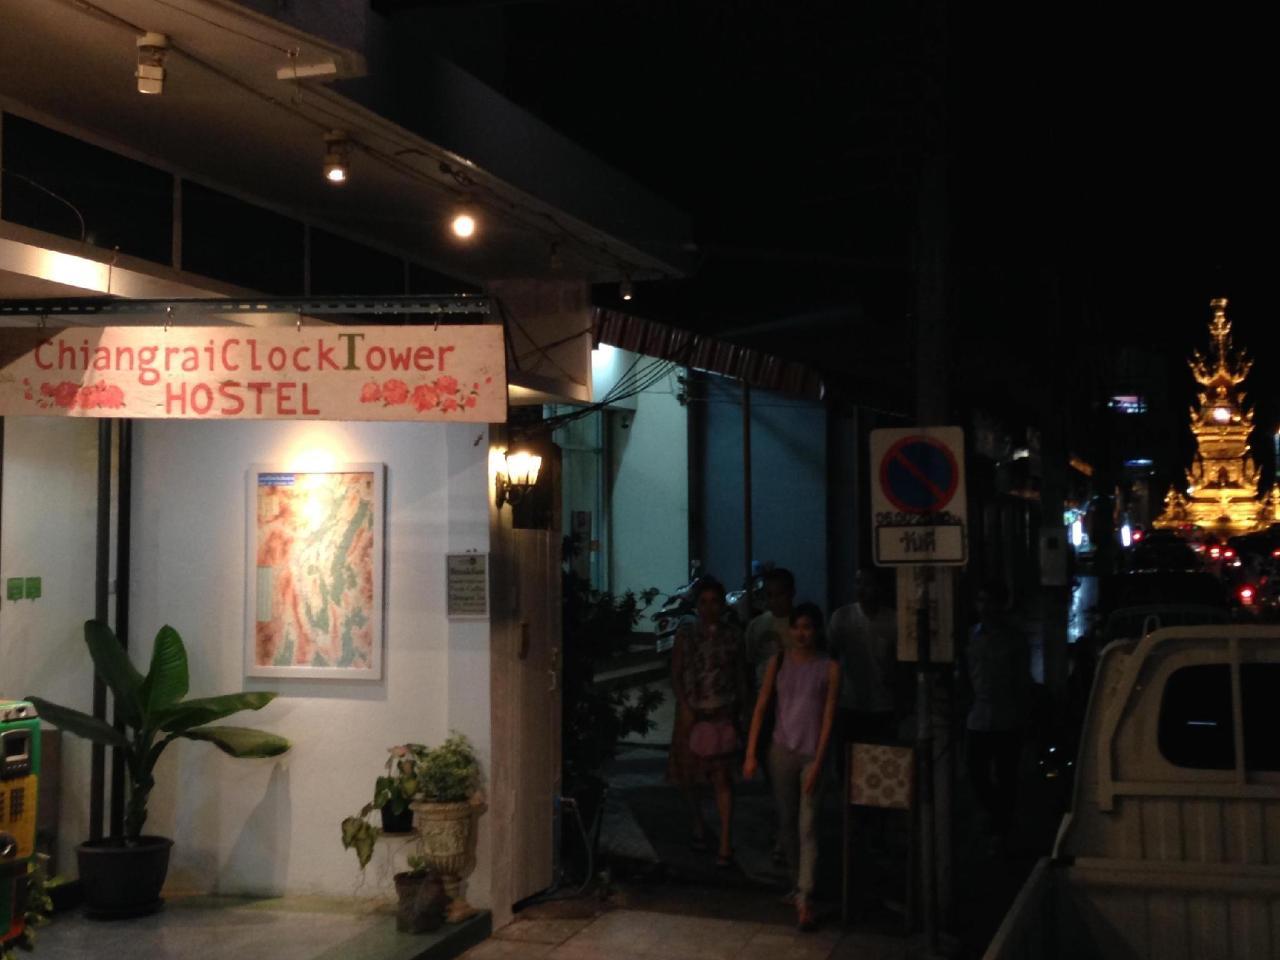 เชียงราย คล็อก ทาวเวอร์ โฮสเทล (Chiangrai Clock Tower Hostel)